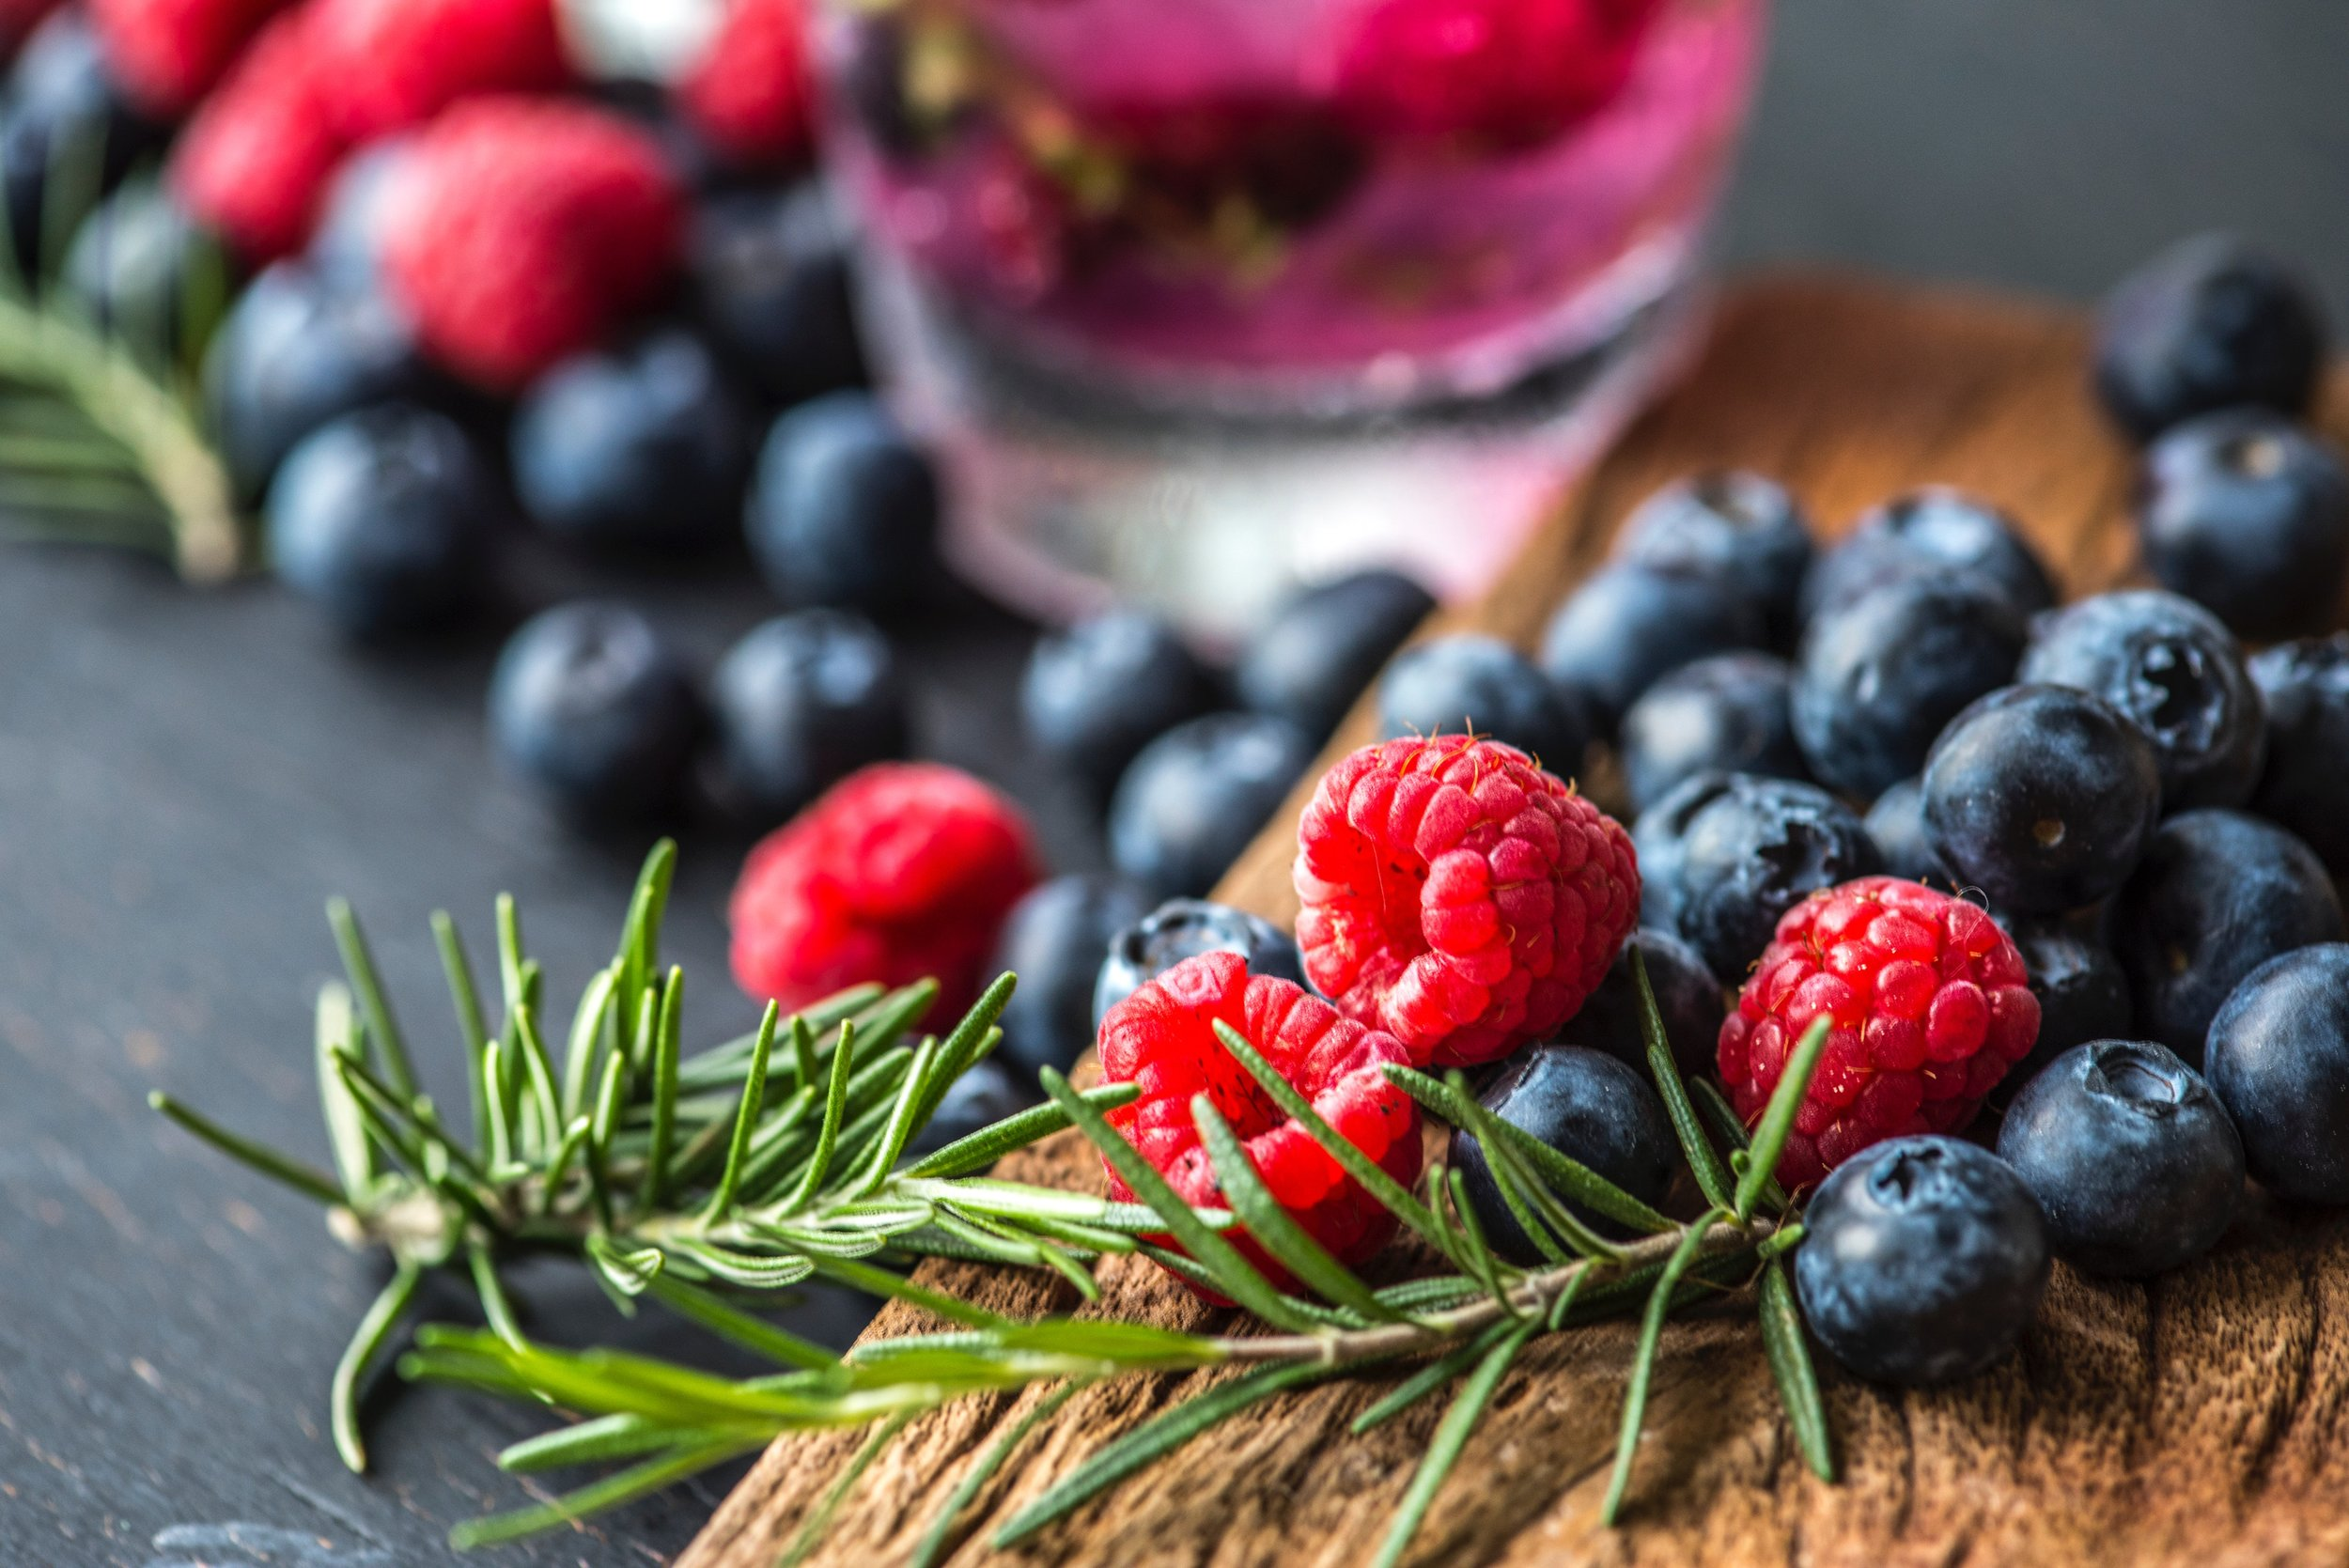 berries-blackberries-blueberries-1253536.jpg